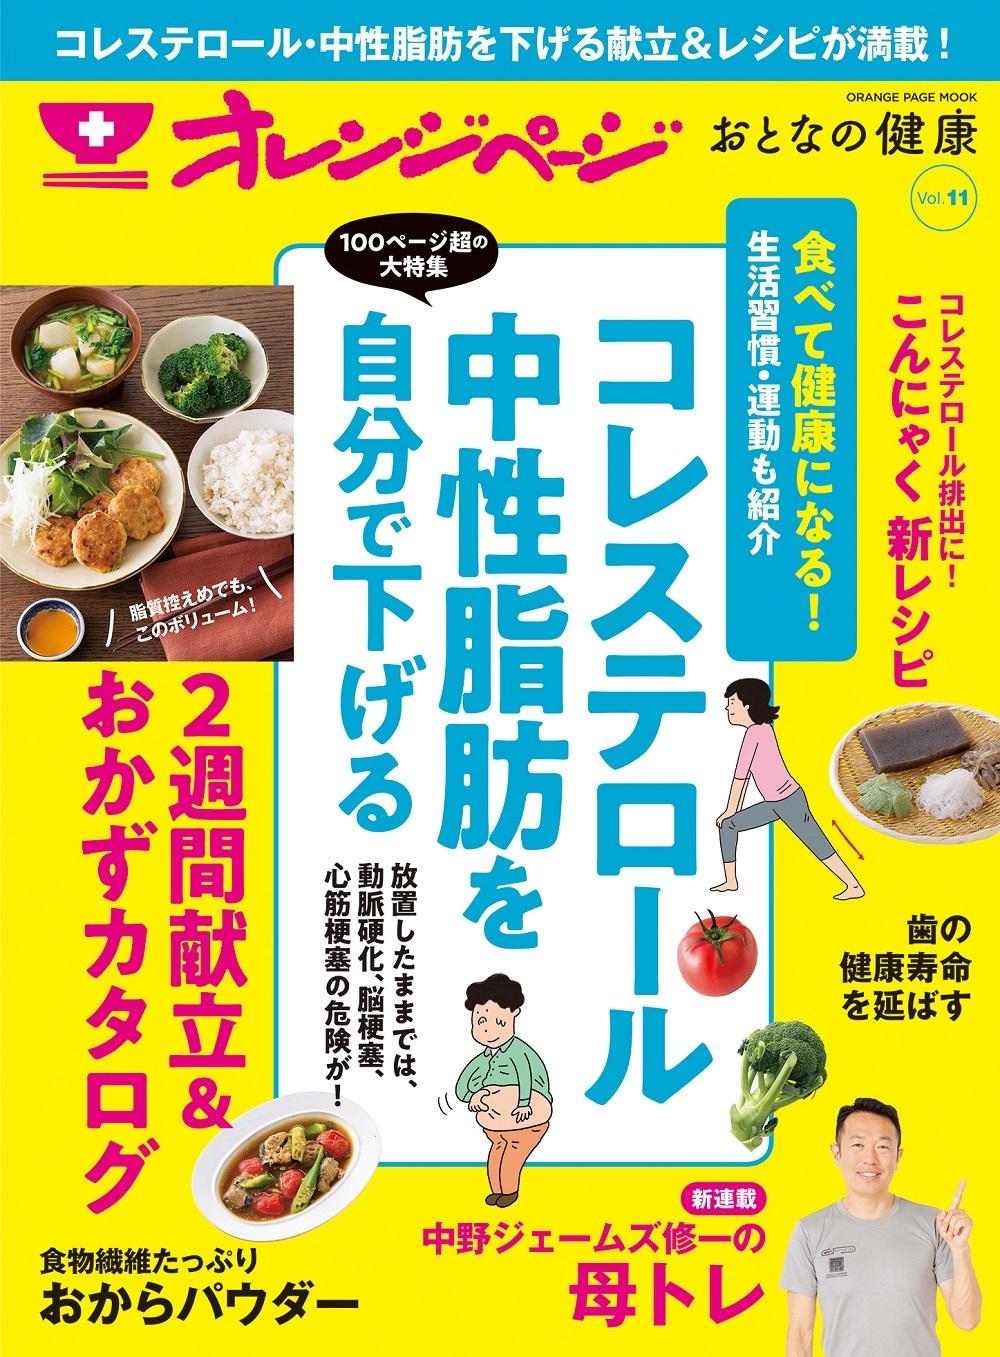 『オレンジページ おとなの健康 Vol.11』